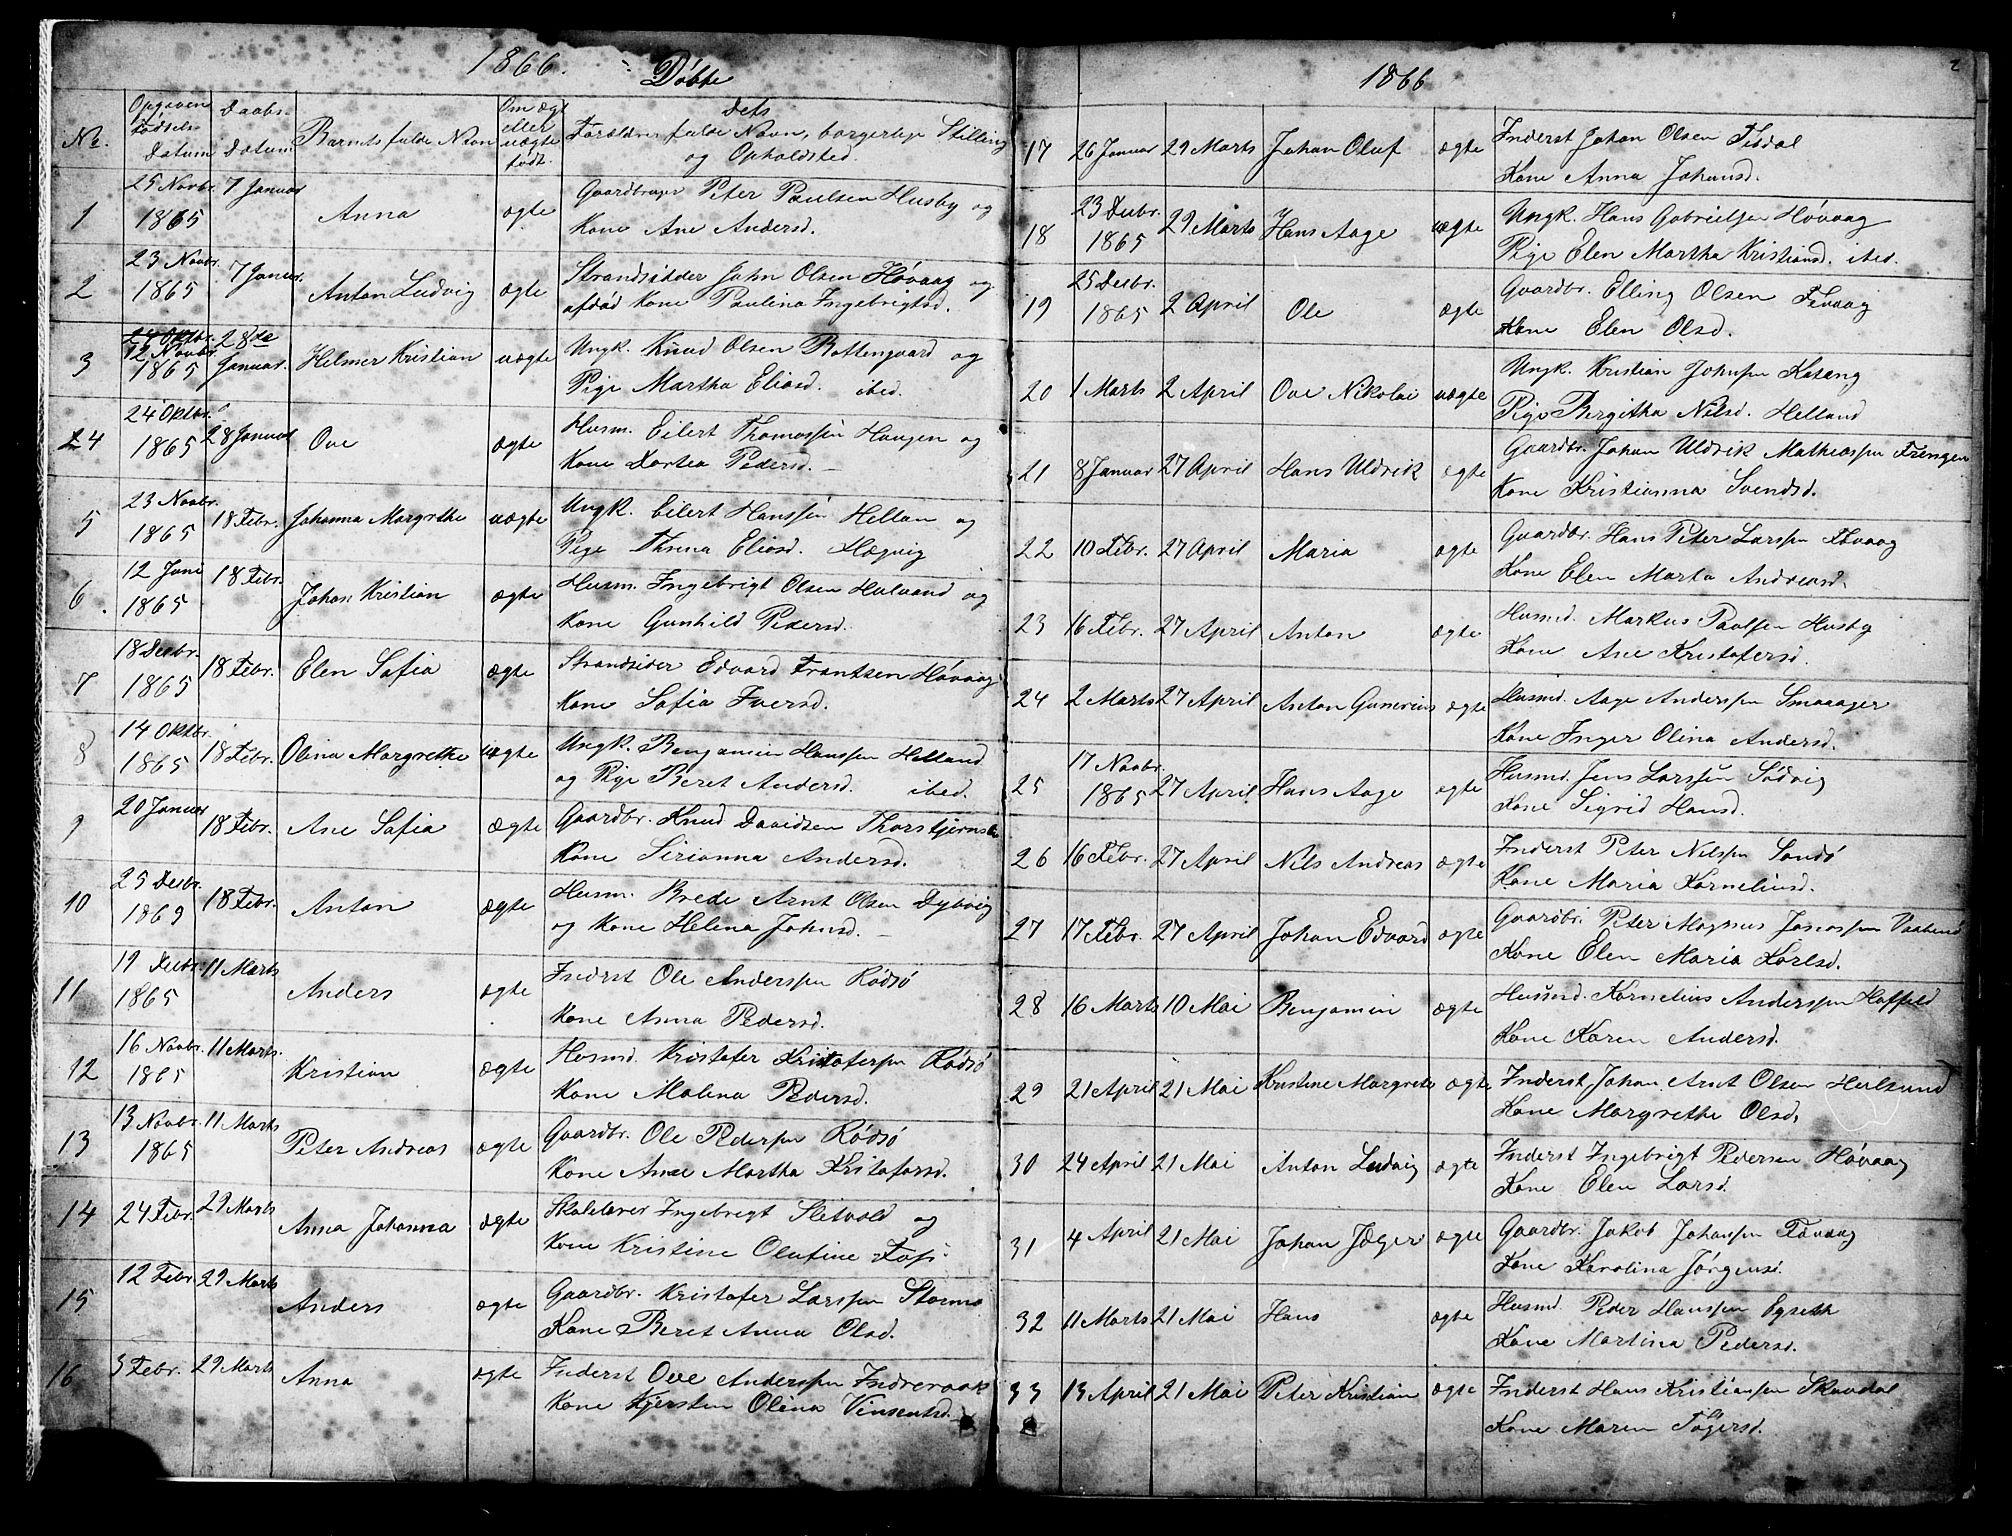 SAT, Ministerialprotokoller, klokkerbøker og fødselsregistre - Sør-Trøndelag, 653/L0657: Klokkerbok nr. 653C01, 1866-1893, s. 2